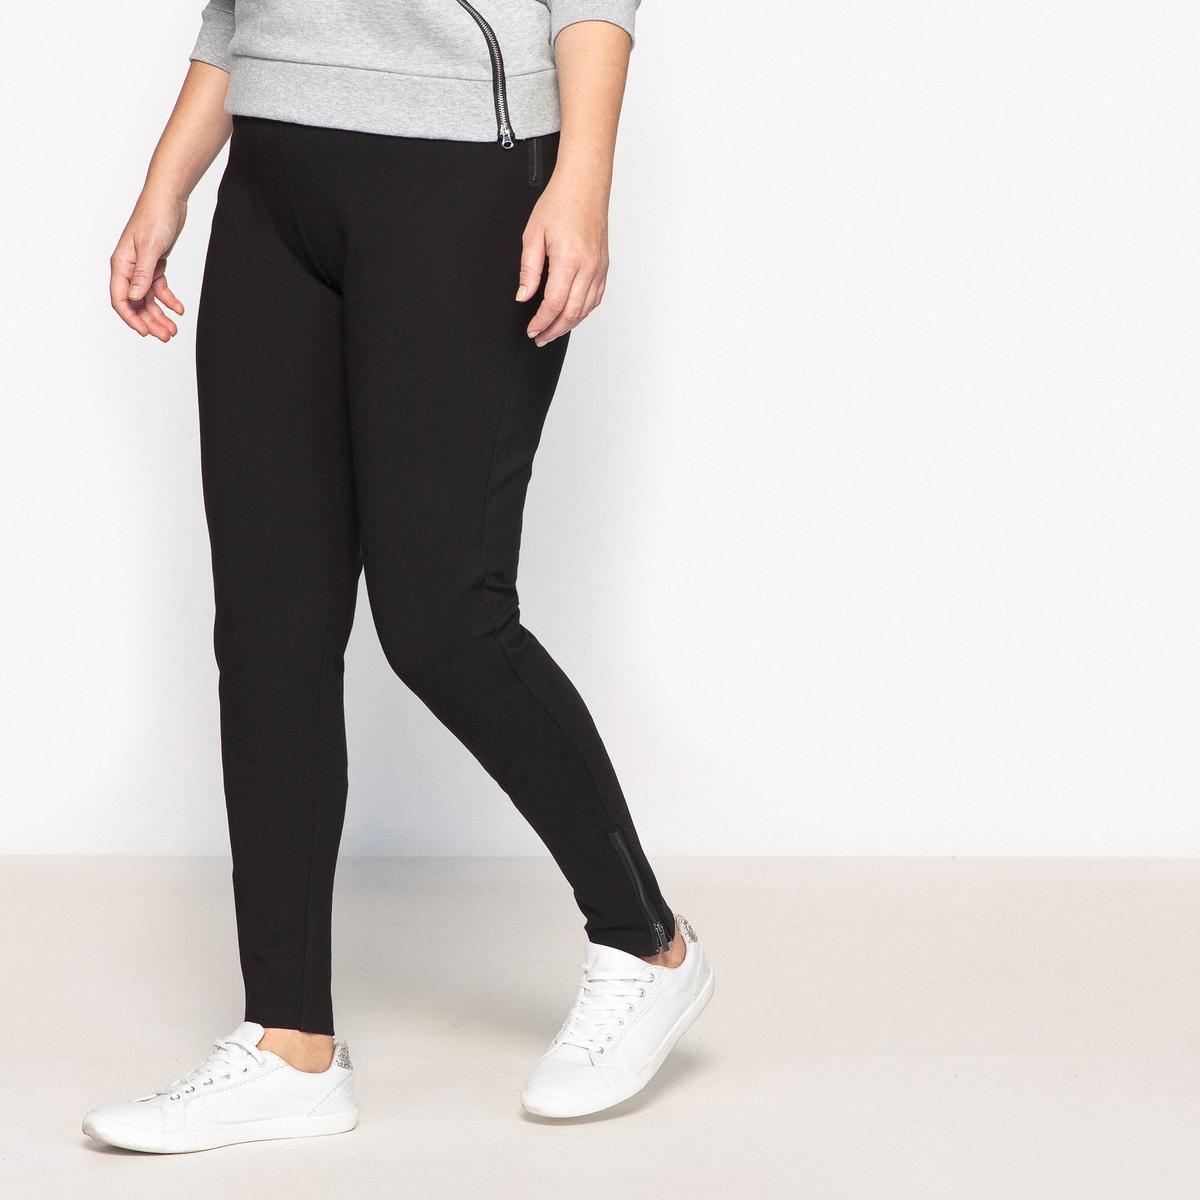 Брюки-слим трикотажные с молниями снизуТрикотажные брюки-слим - неотъемлемый предмет базового гардероба. Зауженный покрой визуально делает силуэт выше. Очень комфортные брюки-слим незаменимы в вашем гардеробе.Детали •  Покрой слим, дудочки     •  Высокая талия  •  Эластичный поясСостав и уход •  72% вискозы, 5% эластана, 23% полиамида •  Температура стирки 30° на деликатном режиме   •  Сухая чистка и отбеливание запрещены •  Не использовать барабанную сушку •  Низкая температура глажкиТовар из коллекции больших размеров<br><br>Цвет: черный<br>Размер: 42 (FR) - 48 (RUS).58 (FR) - 64 (RUS).54 (FR) - 60 (RUS).52 (FR) - 58 (RUS).50 (FR) - 56 (RUS)